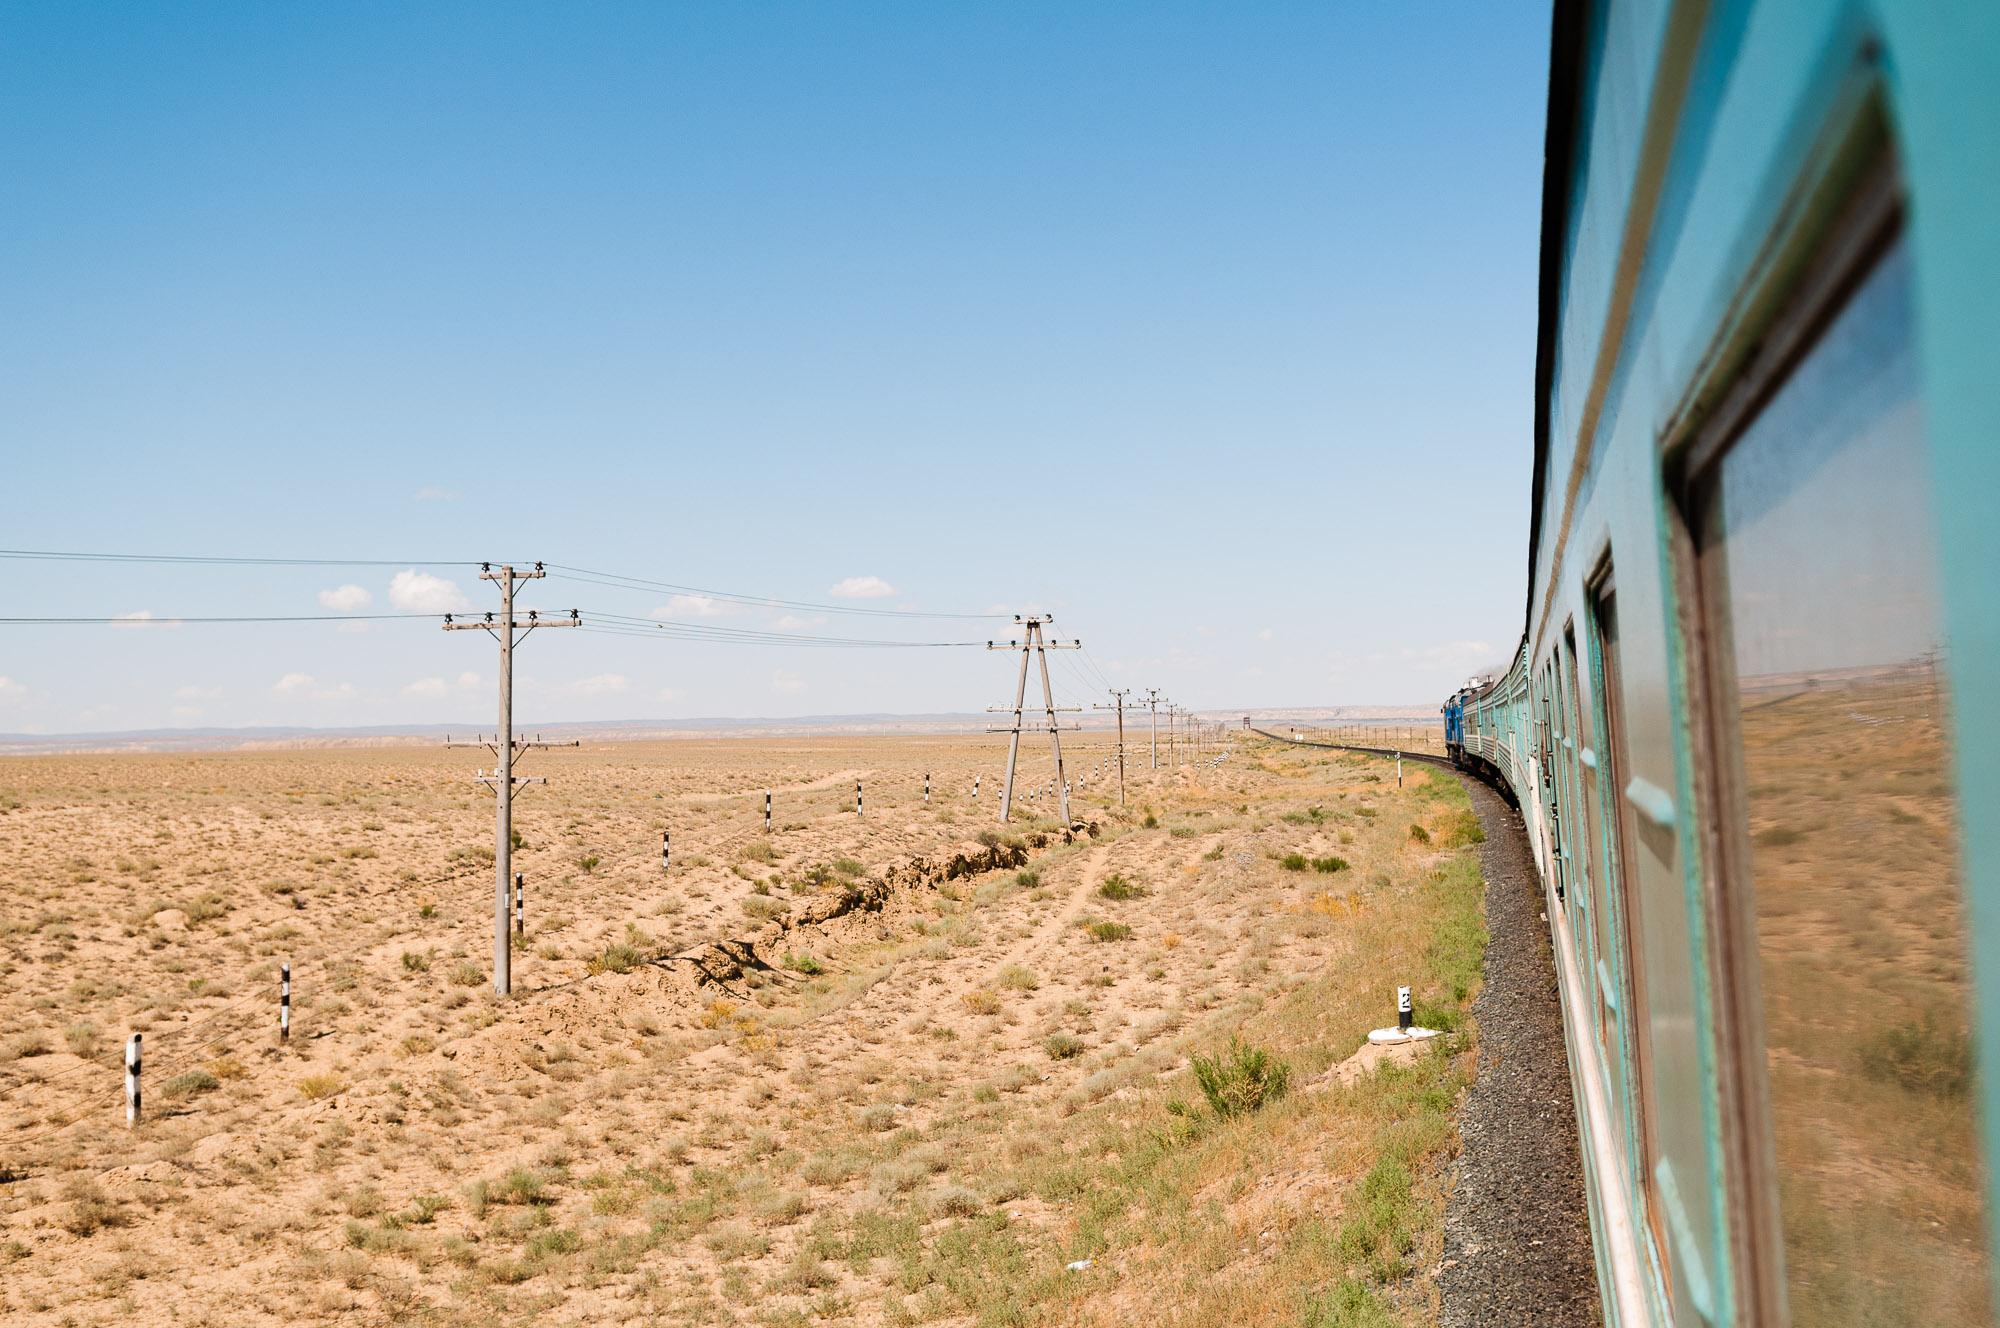 The barren landscape of western Kazakhstan. © www.thomaspickard.com